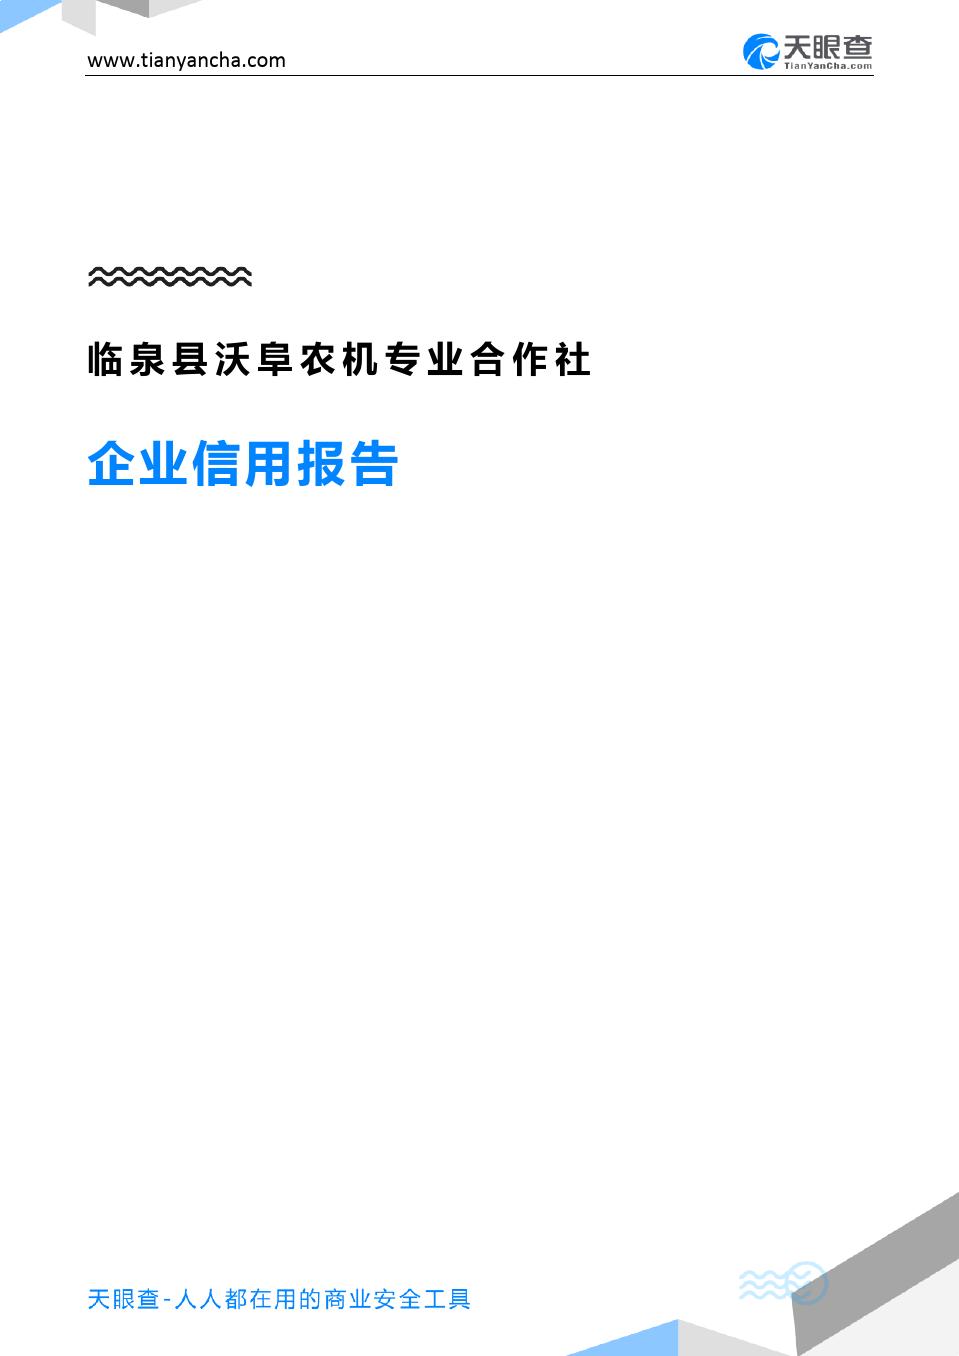 临泉县沃阜农机专业合作社企业信用报告-天眼查